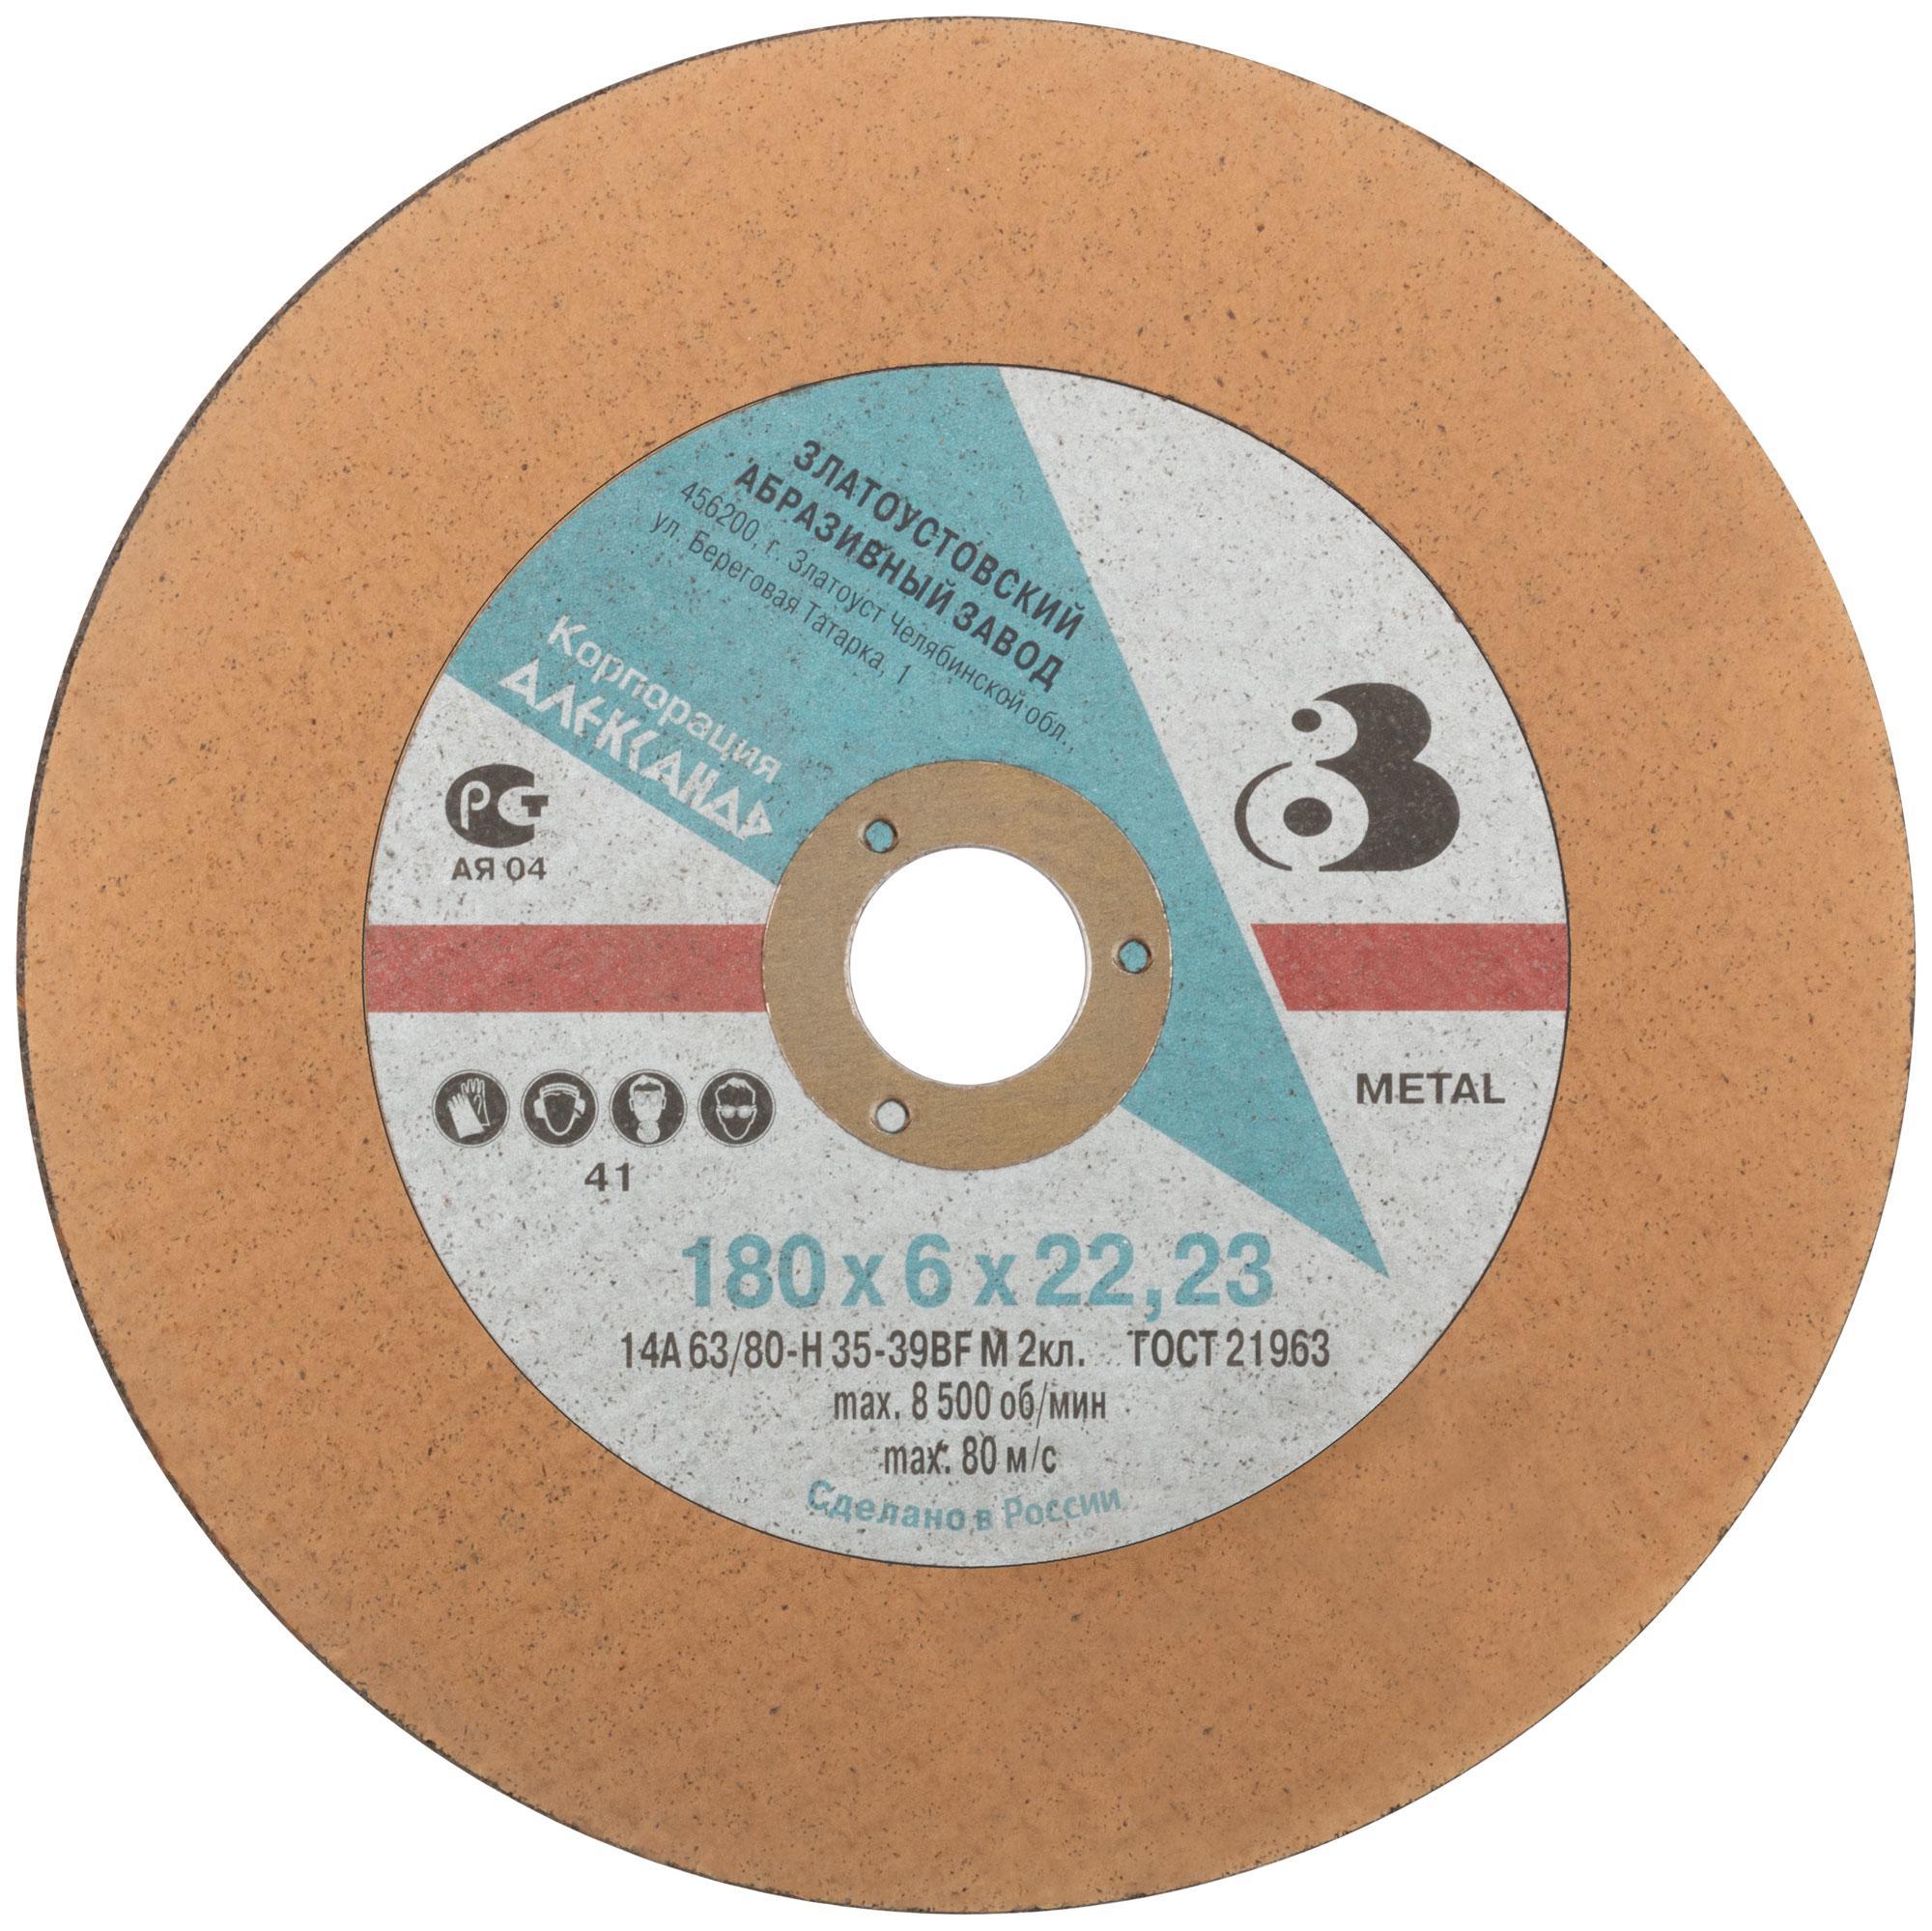 Круг зачистной Fit 39528 mp3 плееры бу от 100 до 300 грн донецк